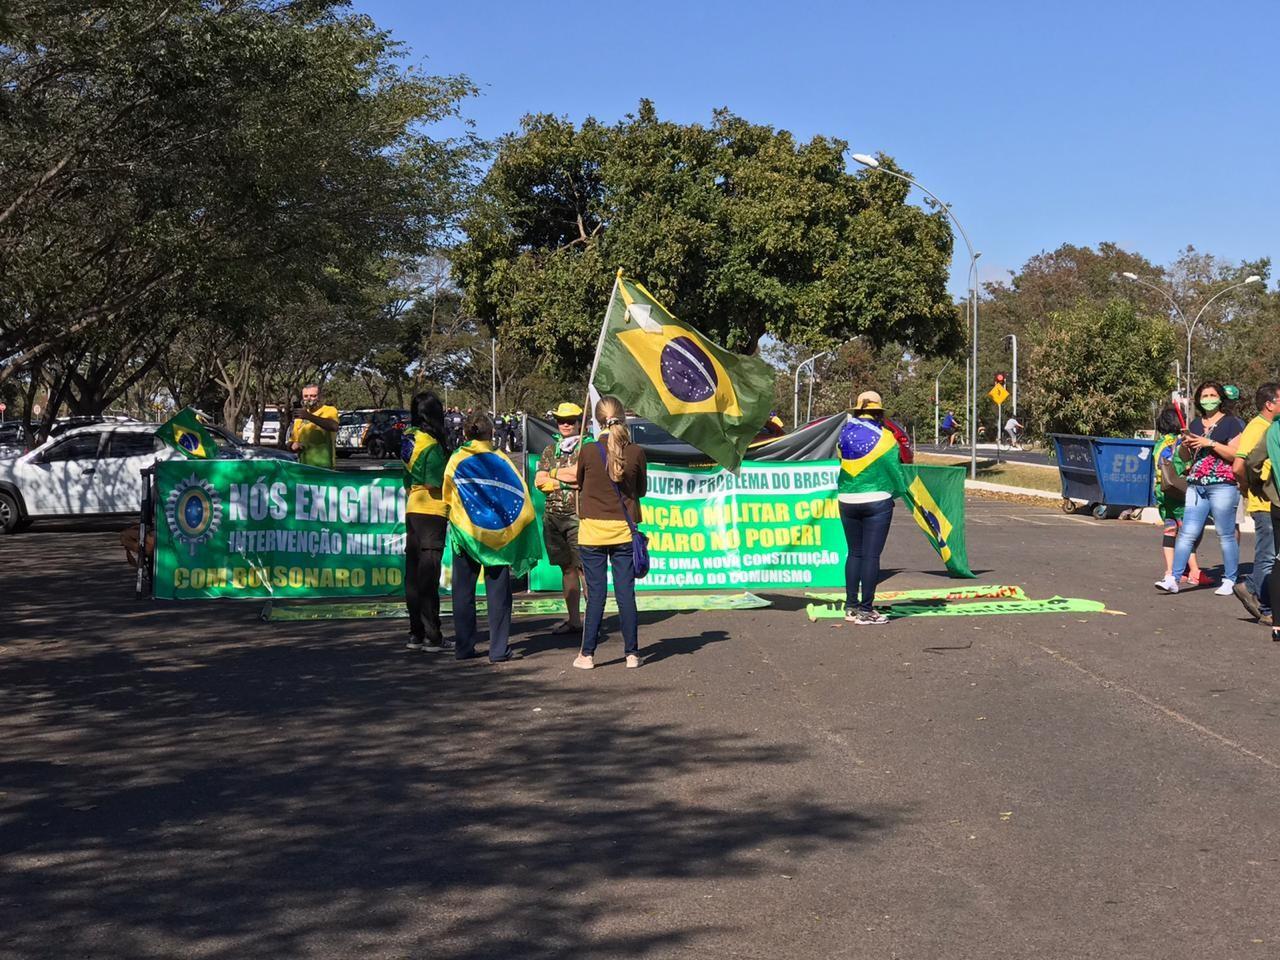 Apoiadores de Bolsonaro fazem ato em defesa de medidas inconstitucionais em Brasília